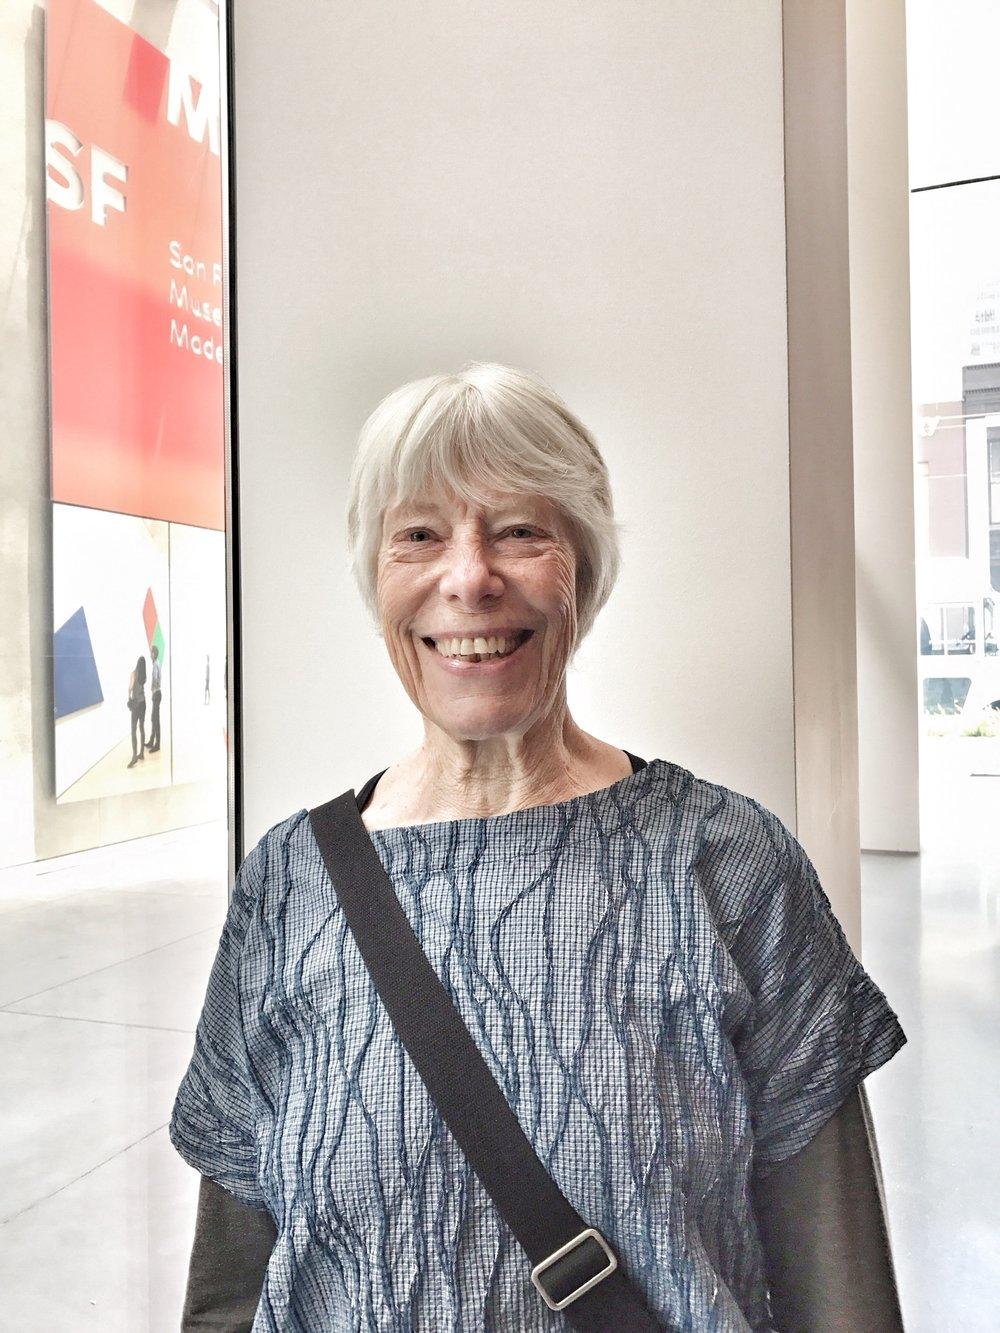 Meet Marj, Ms June 2017